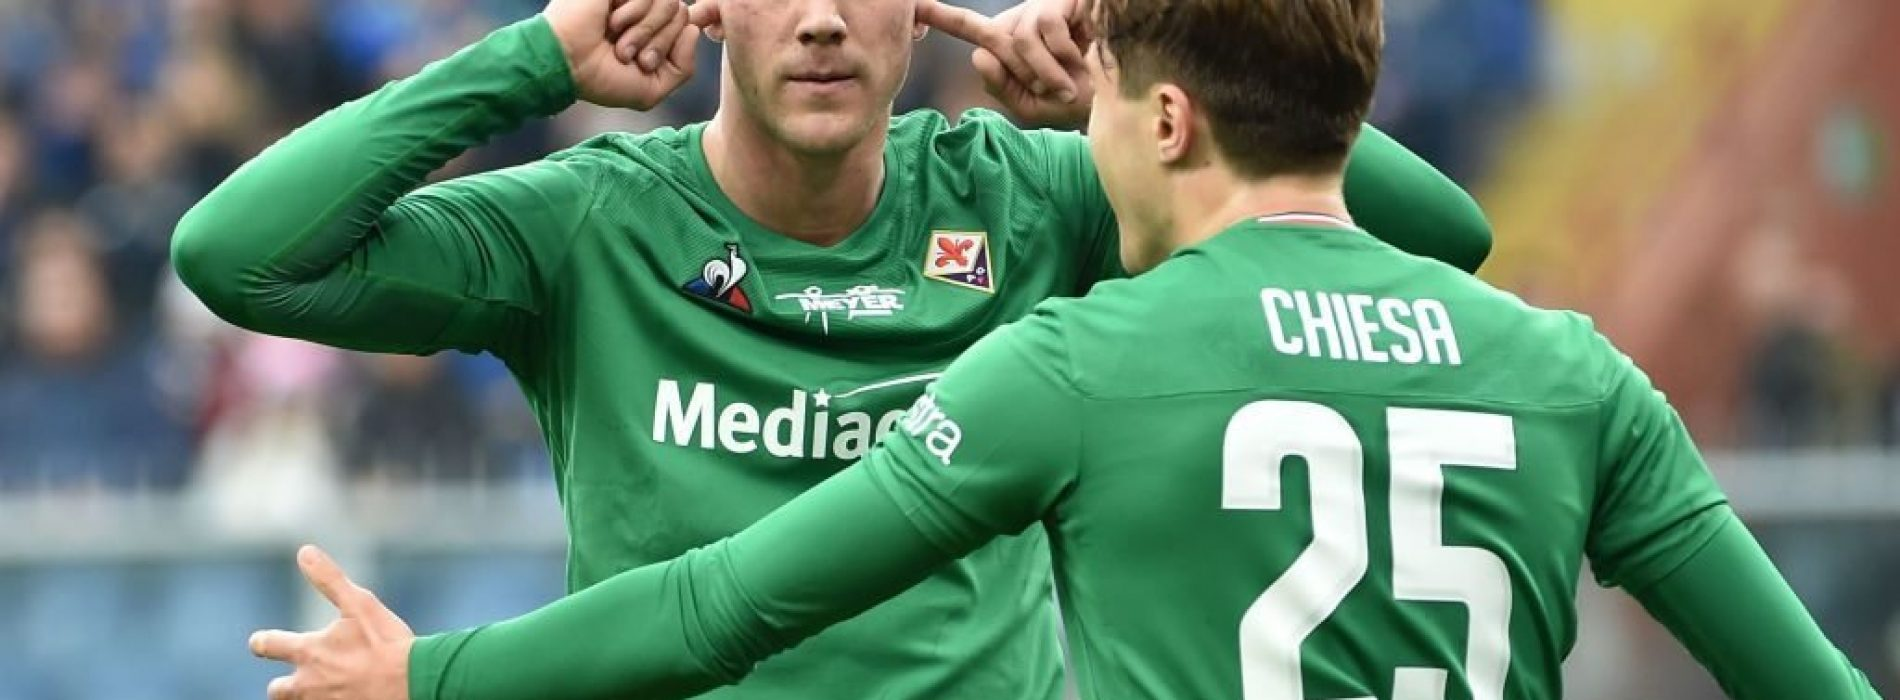 Fiorentina, Vlahovic può partire: se non resta, Roma o Verona? Chiesa…